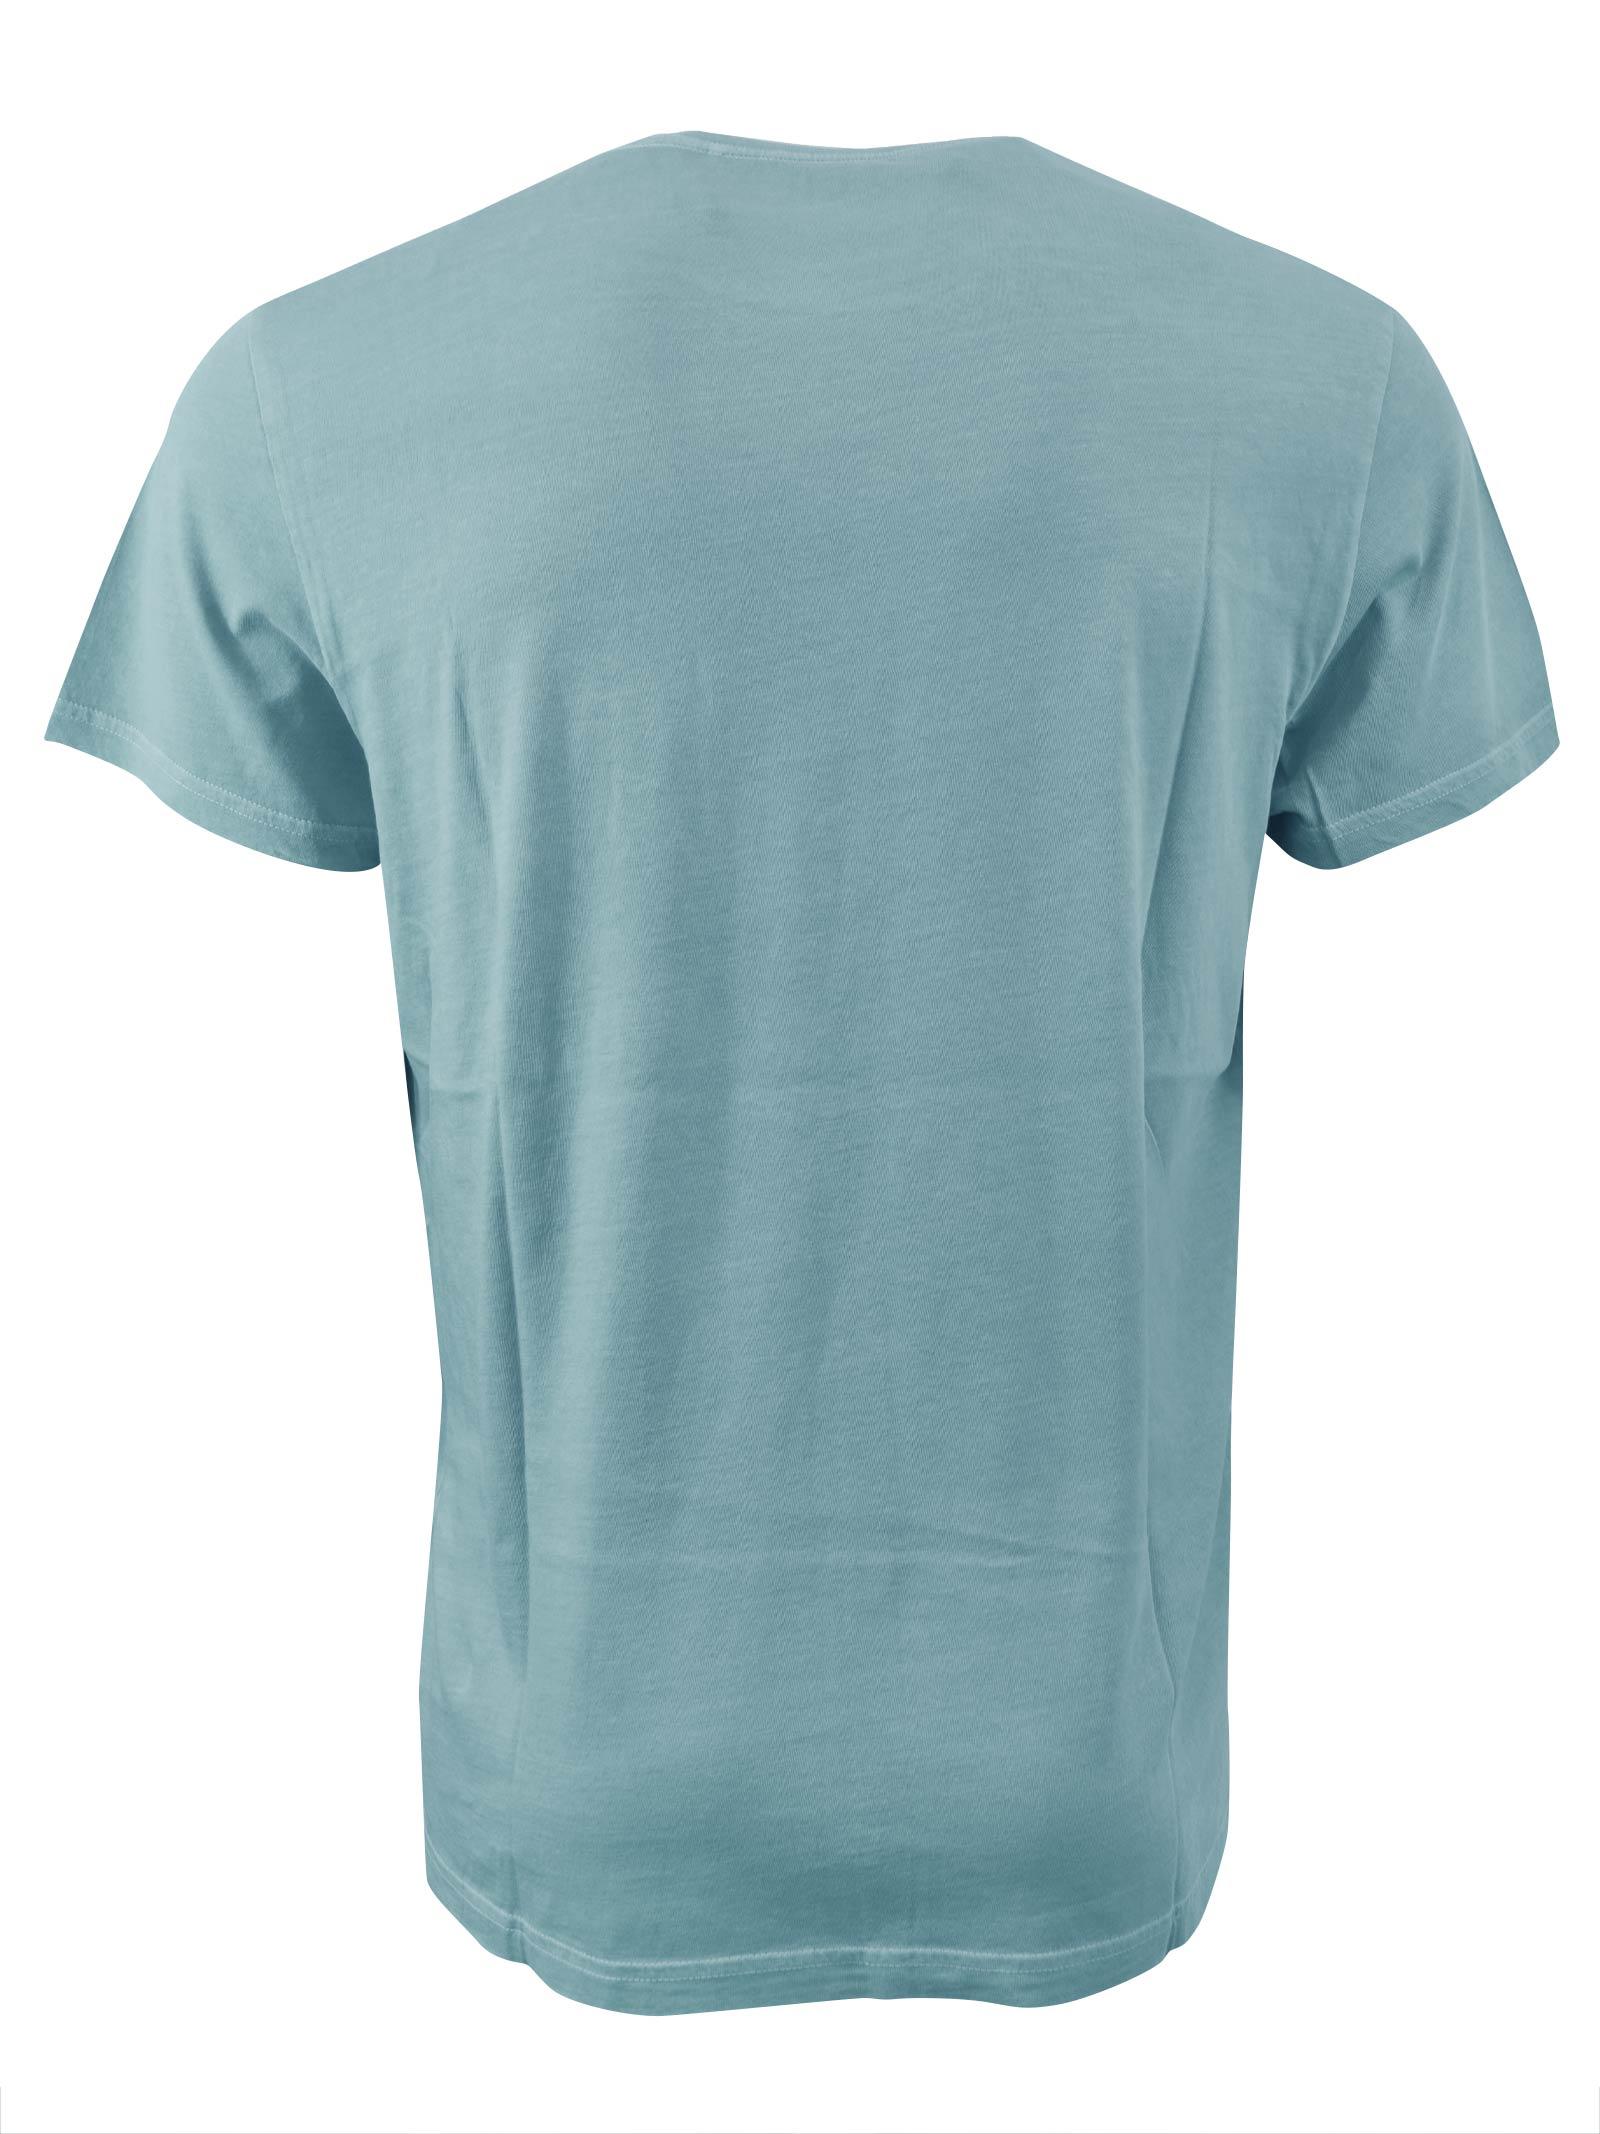 GANT | T-shirts | 2003069351